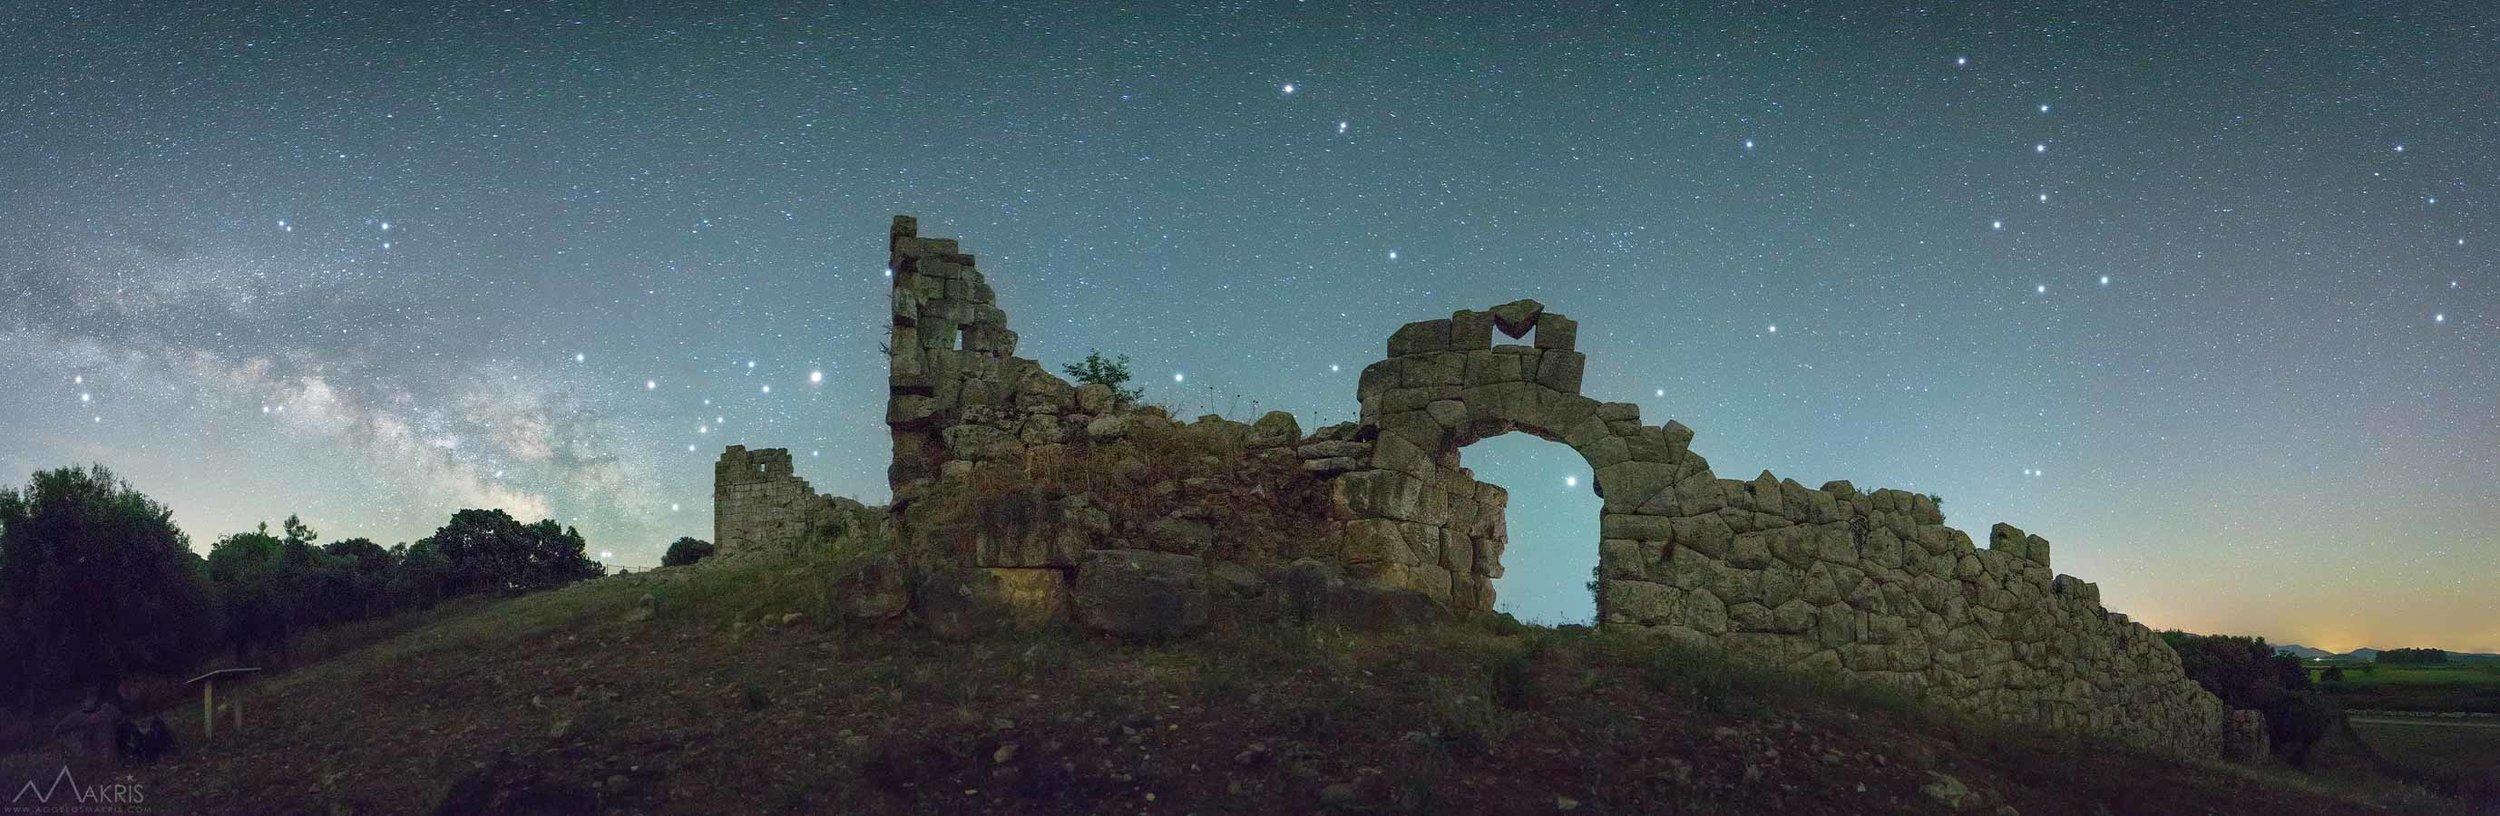 Αρχαίο κάστρο Τρικάρδου (2500 ετών)